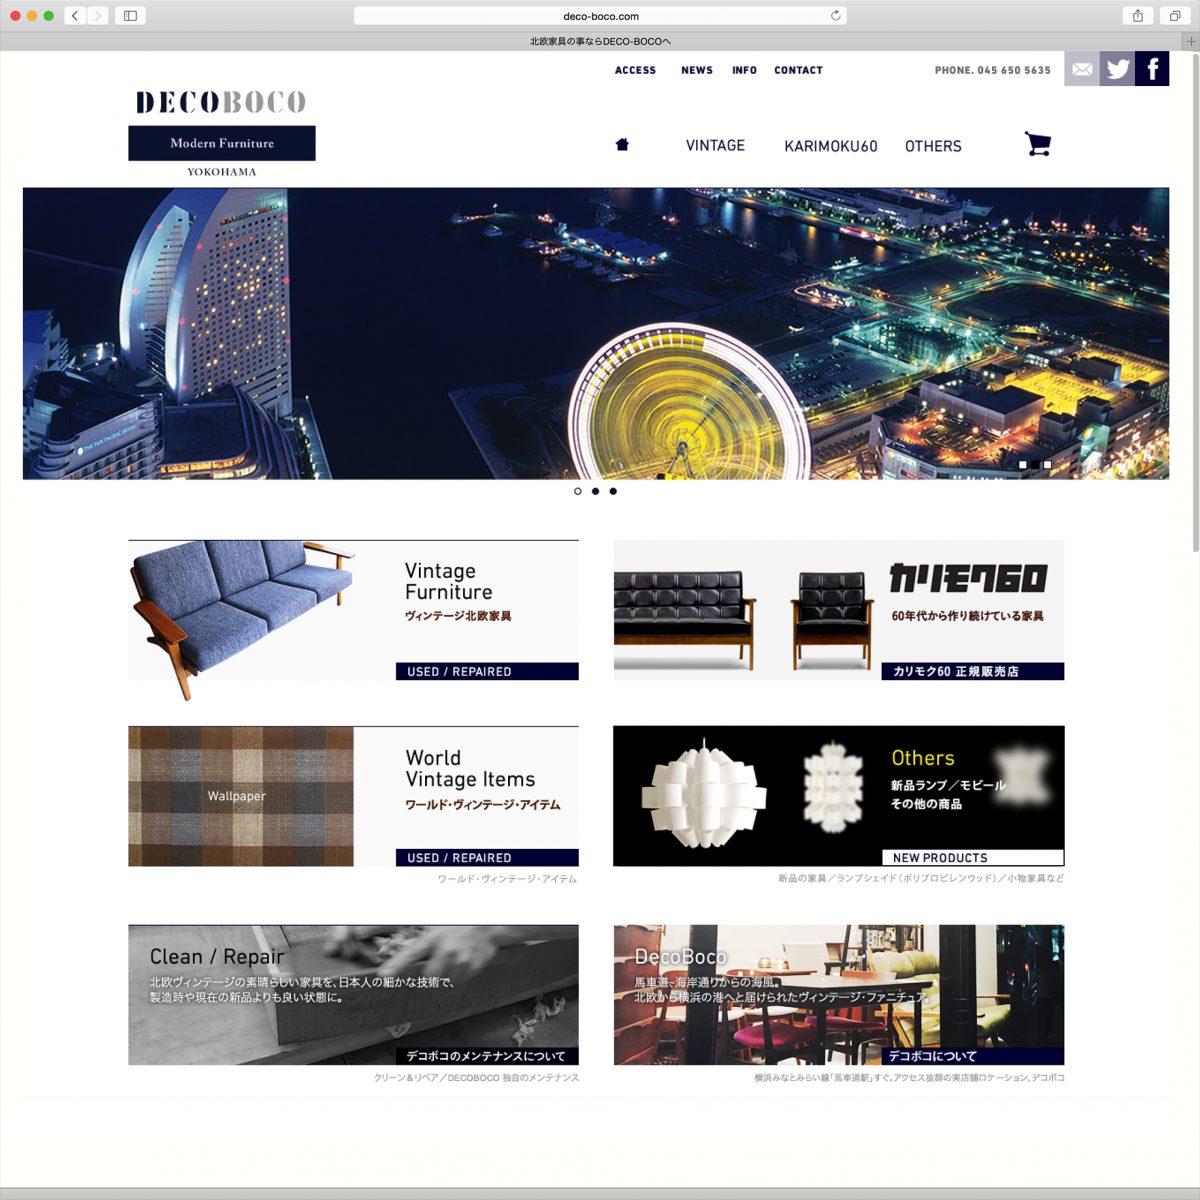 北欧家具 Modern Furniture DECO BOCO, Yokohama|ウェブサイトデザイン|横浜市